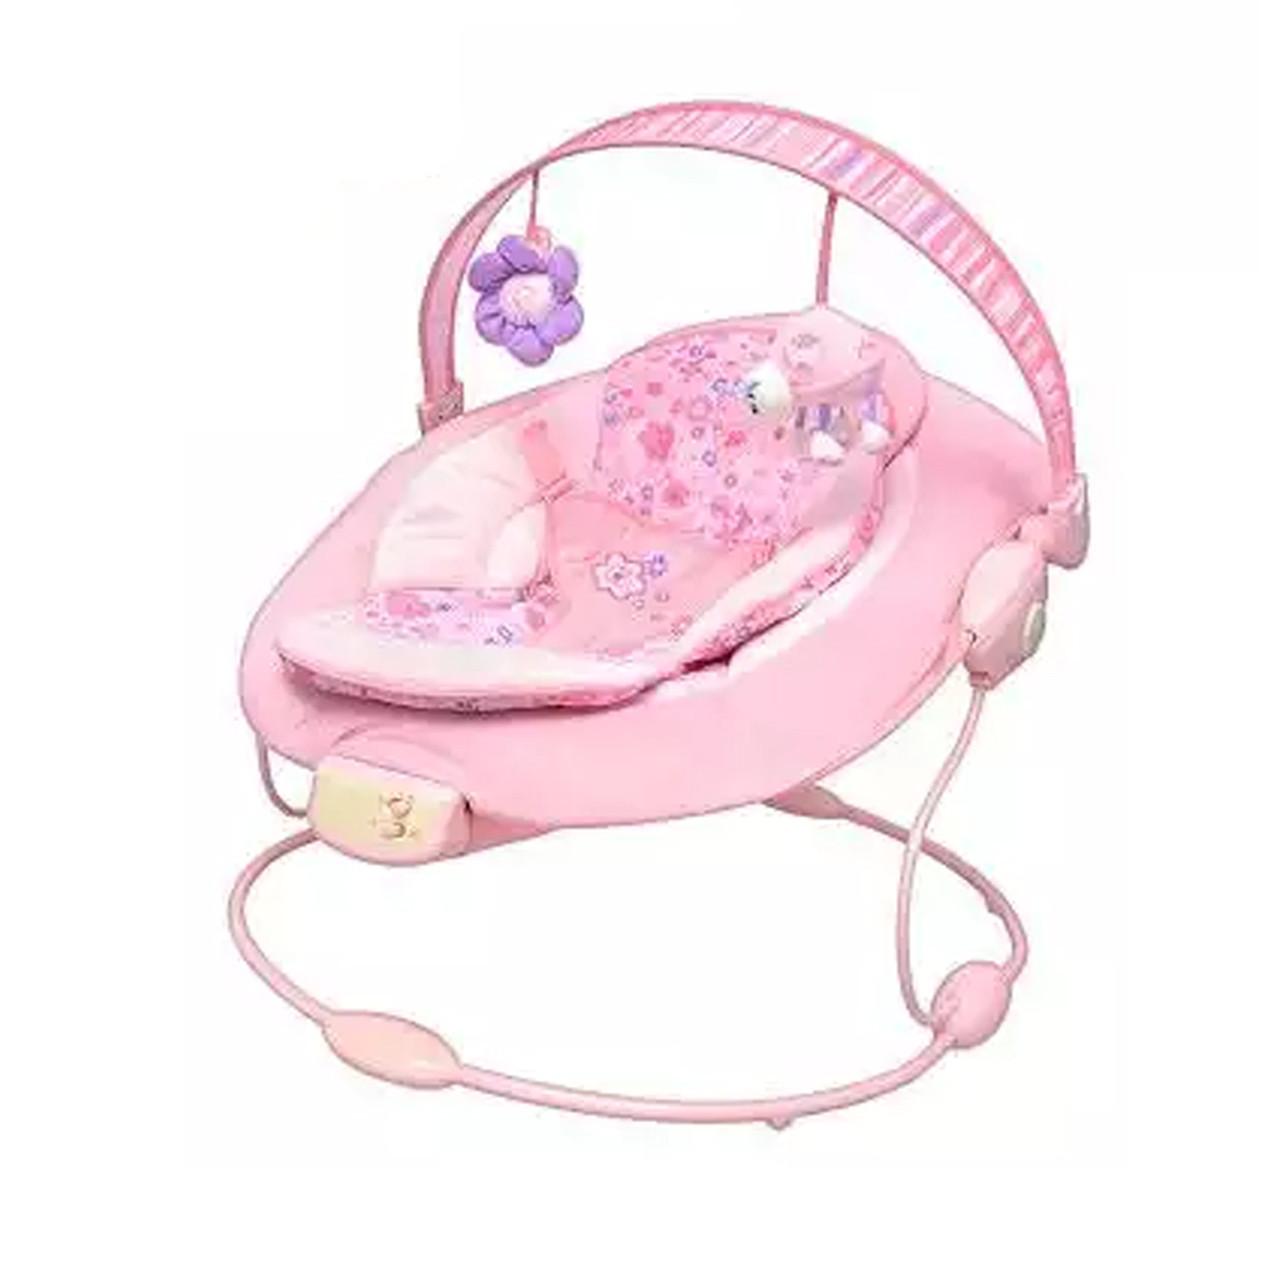 Детский шезлонг  розовый 60681-1